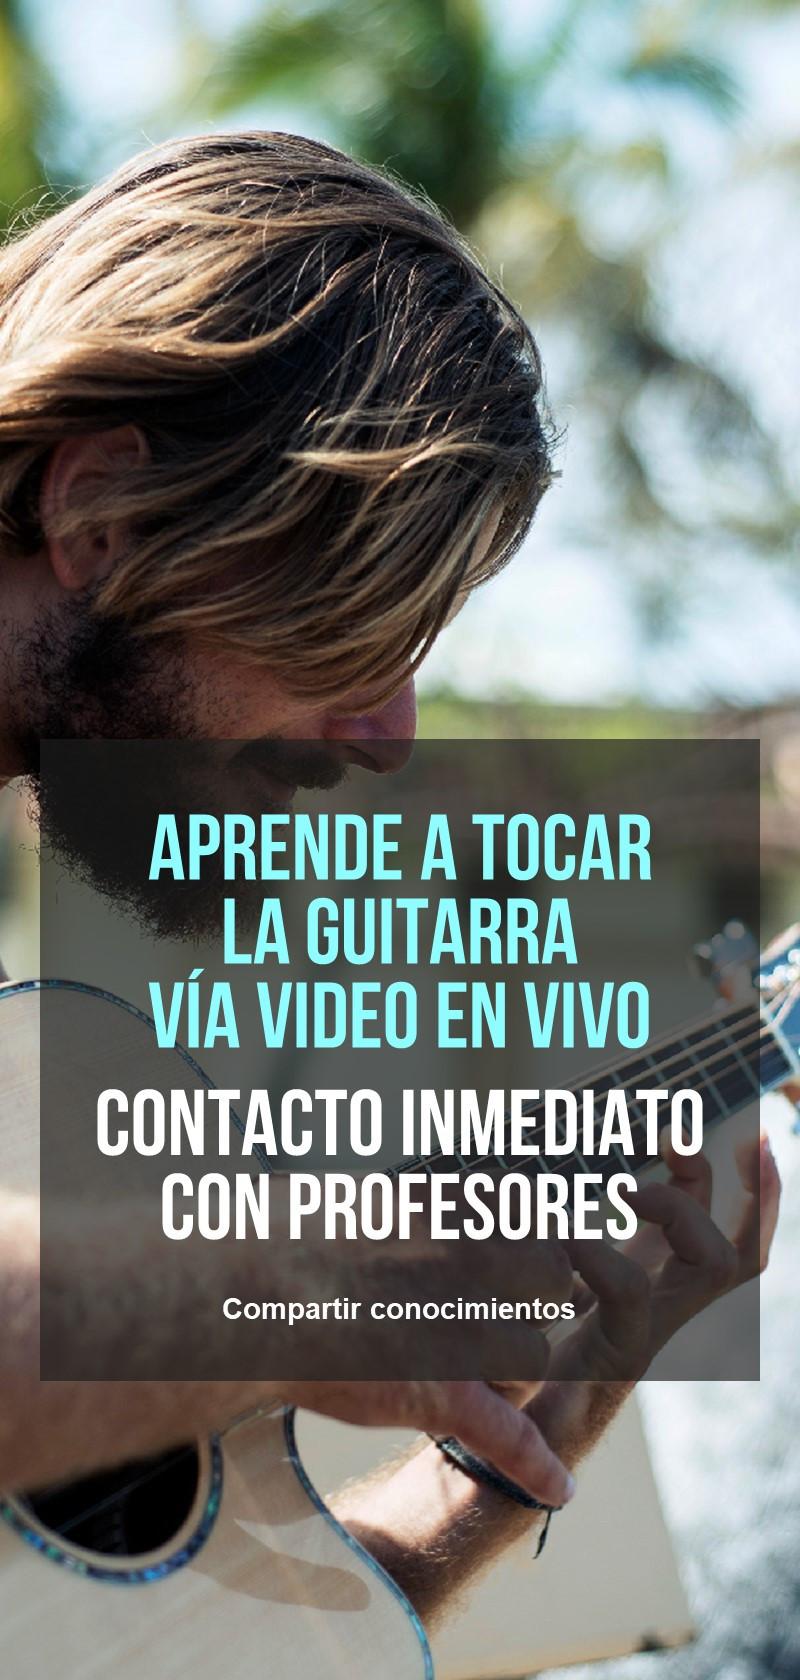 Profesores de guitarra